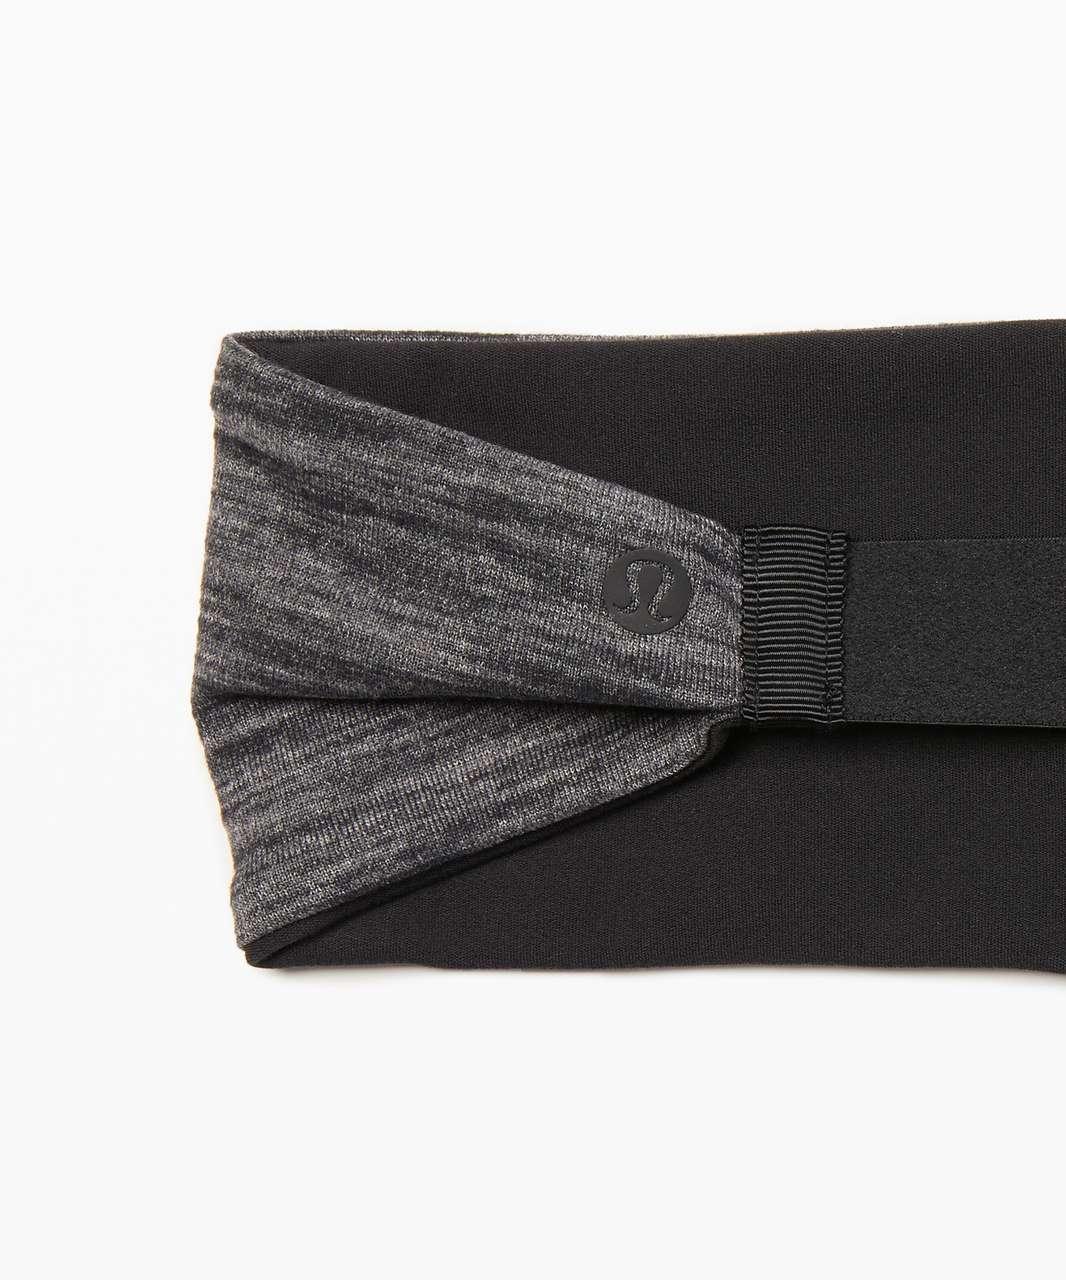 Lululemon Fringe Fighter Headband - Black / Heathered Black